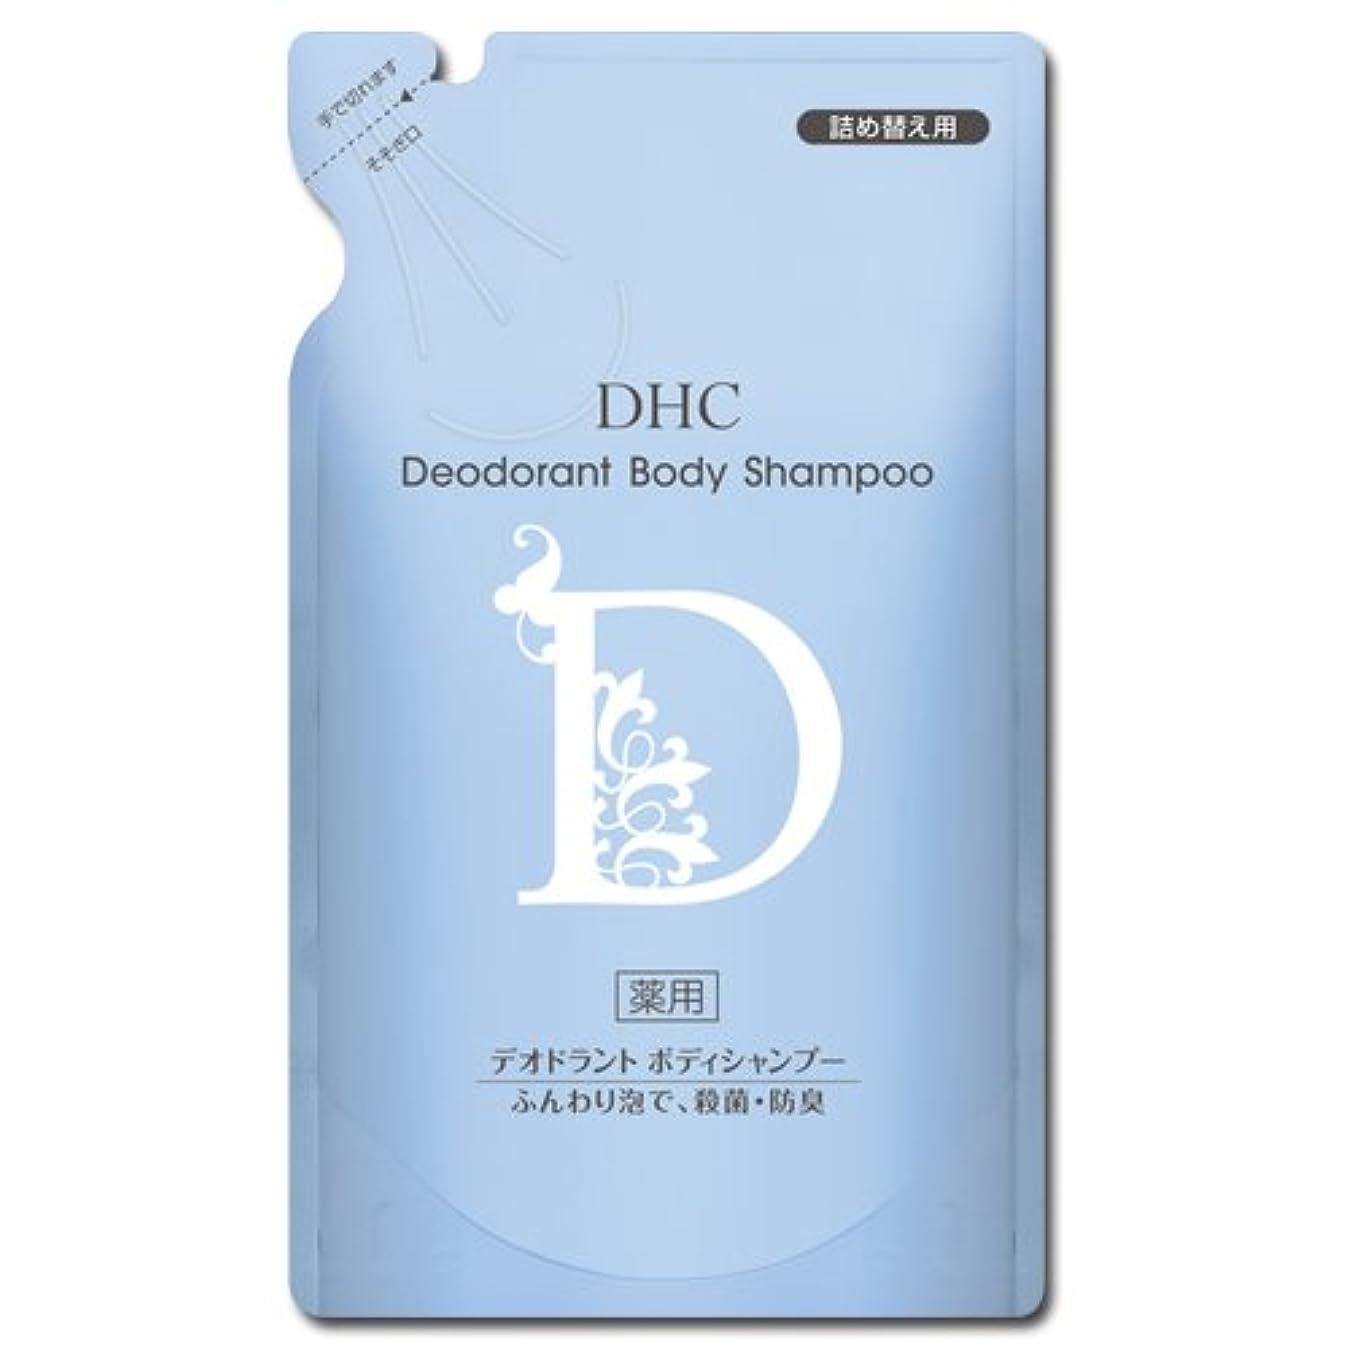 呼吸炭水化物困難【医薬部外品】DHC薬用デオドラント ボディシャンプー 詰め替え用